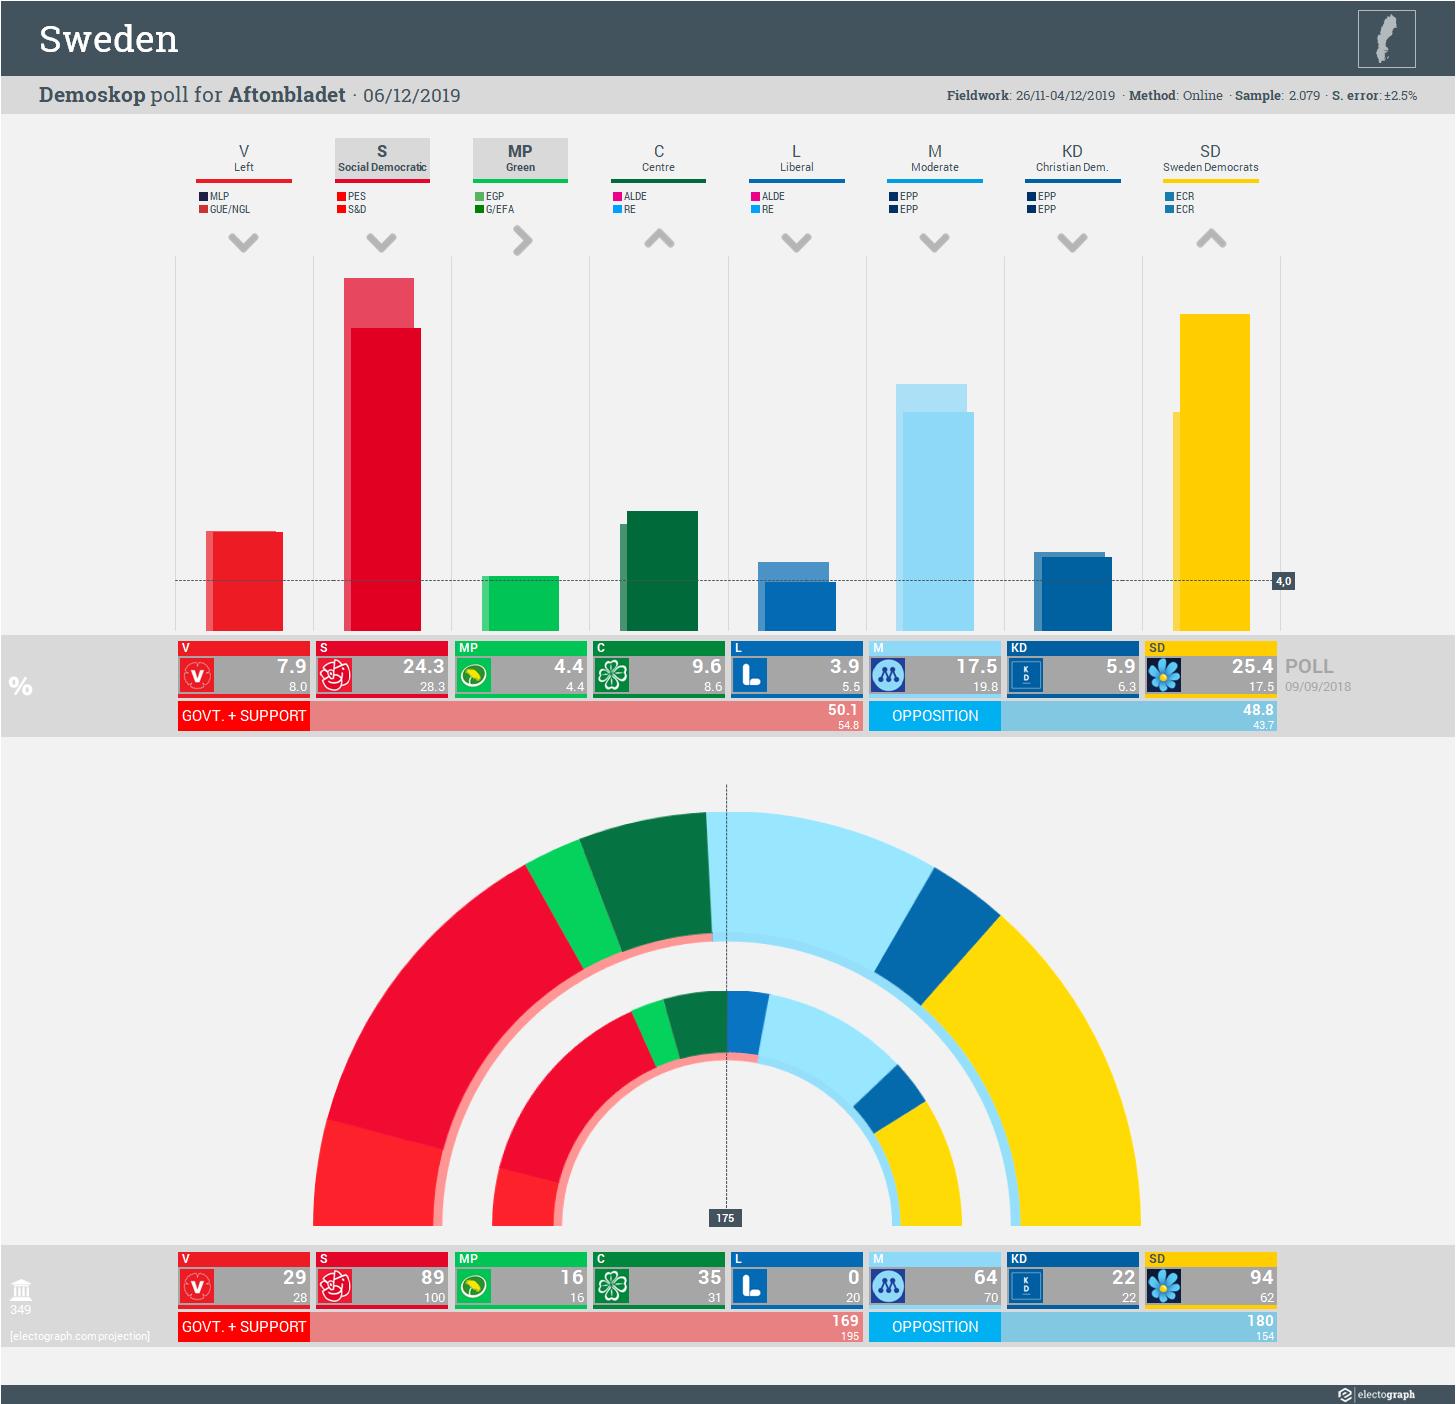 SWEDEN: Demoskop poll chart for Aftonbladet, 6 December 2019